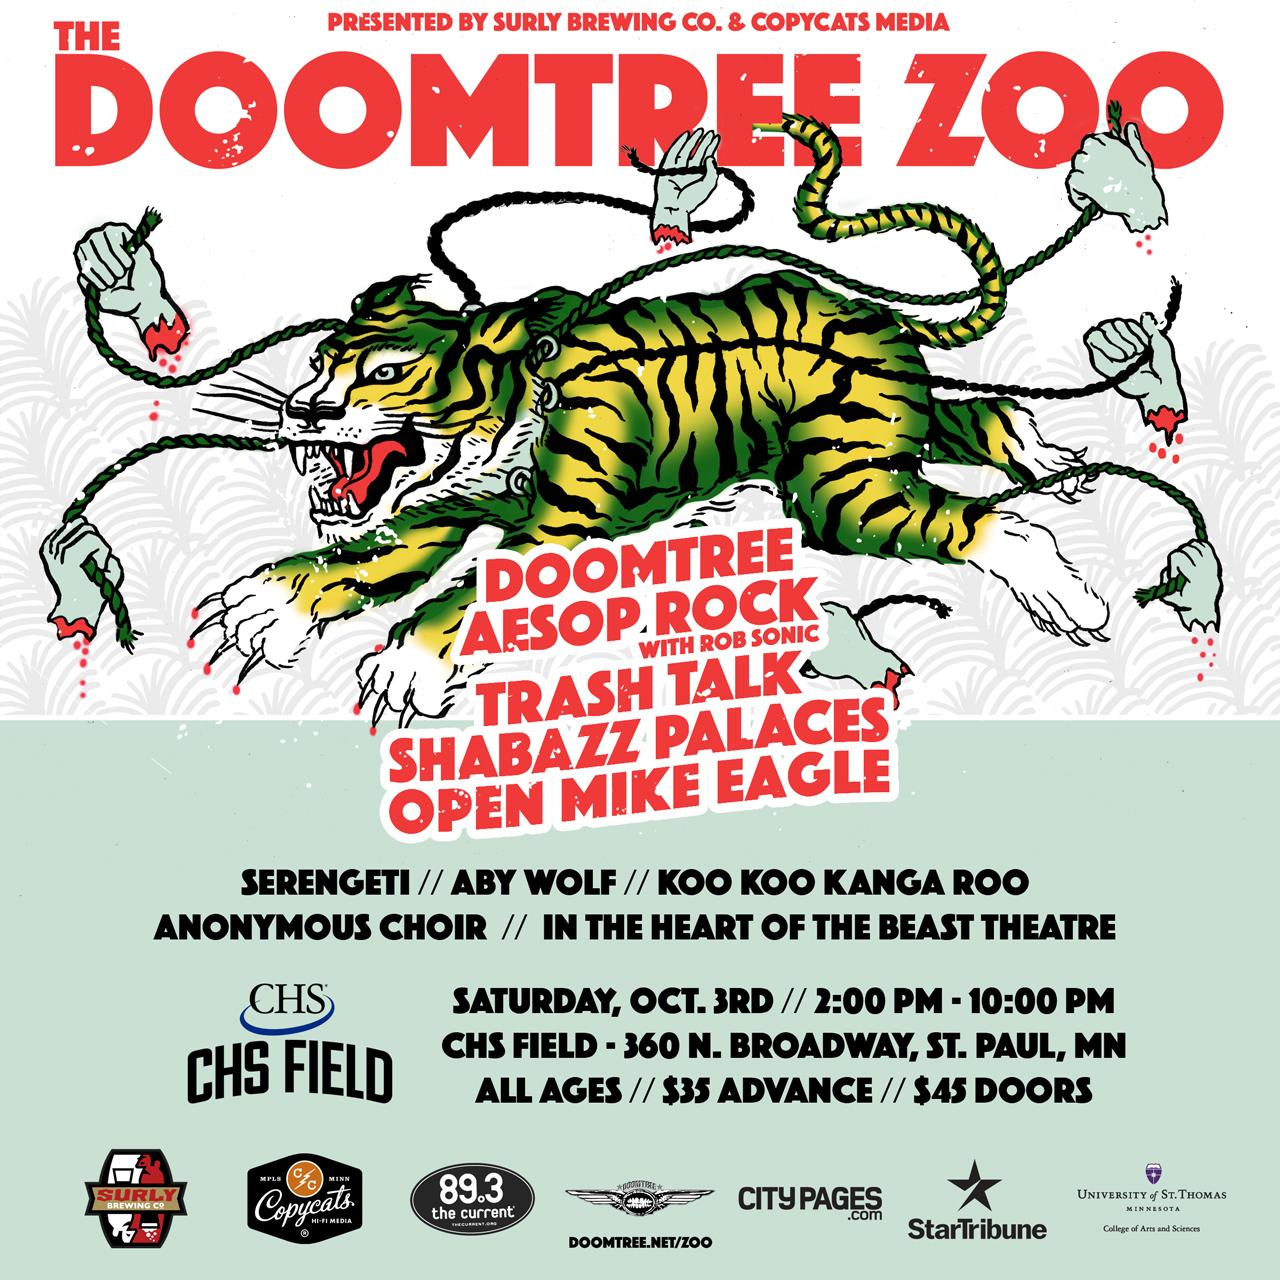 Doomtree-Zoo-INSTAGRAM-OCT3